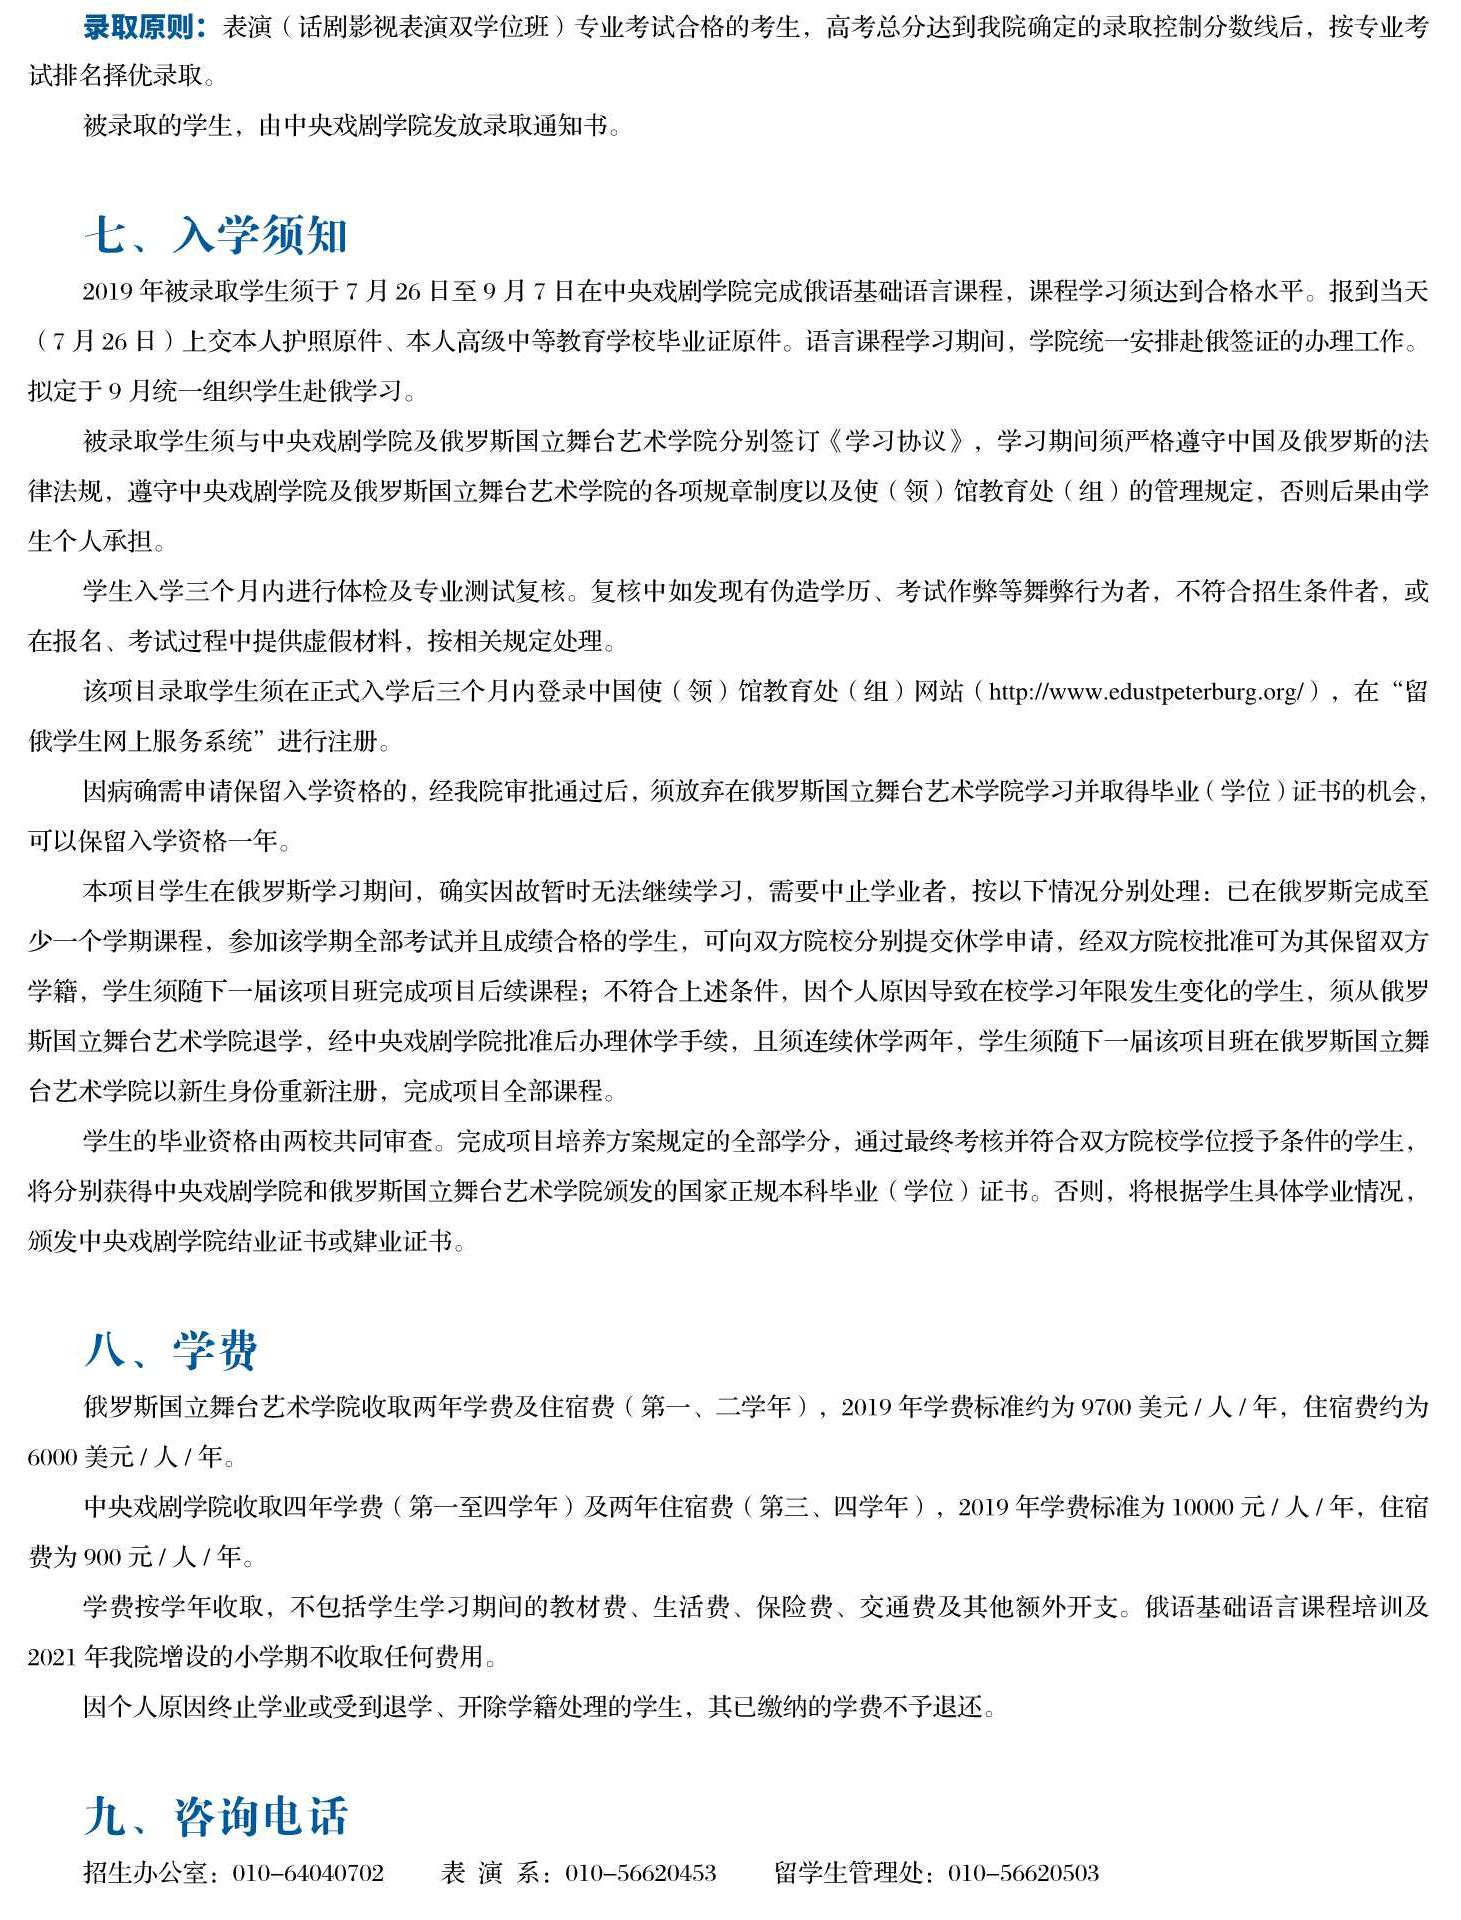 中心戲劇學院2019年話劇影視扮演雙學位班招生簡章03